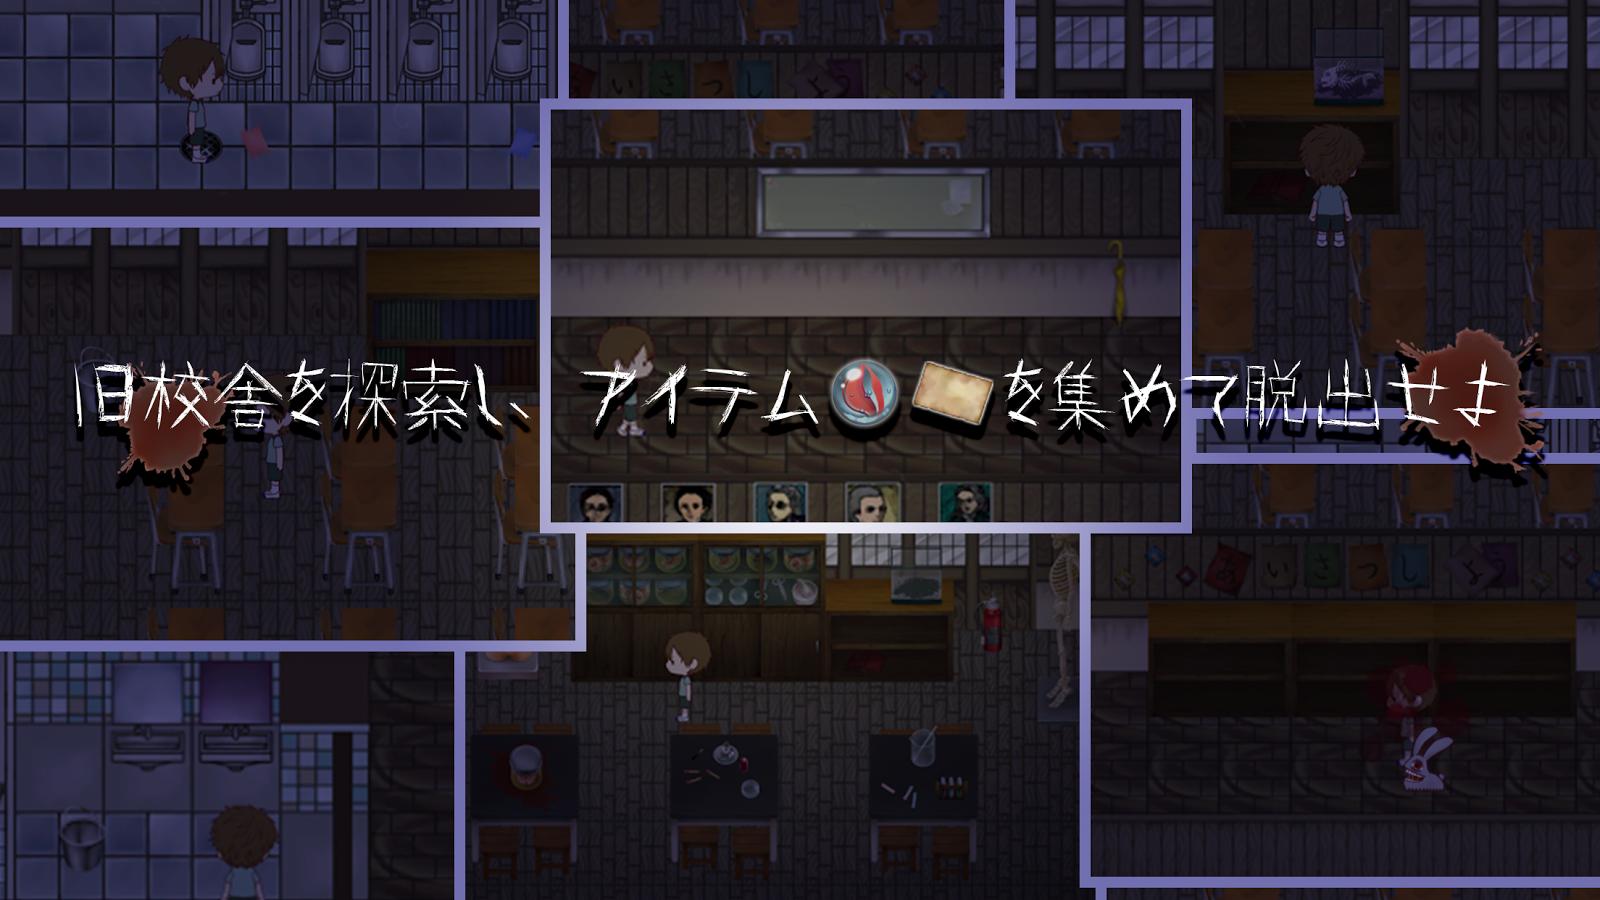 androidアプリ 穢校 -えこう-攻略スクリーンショット6